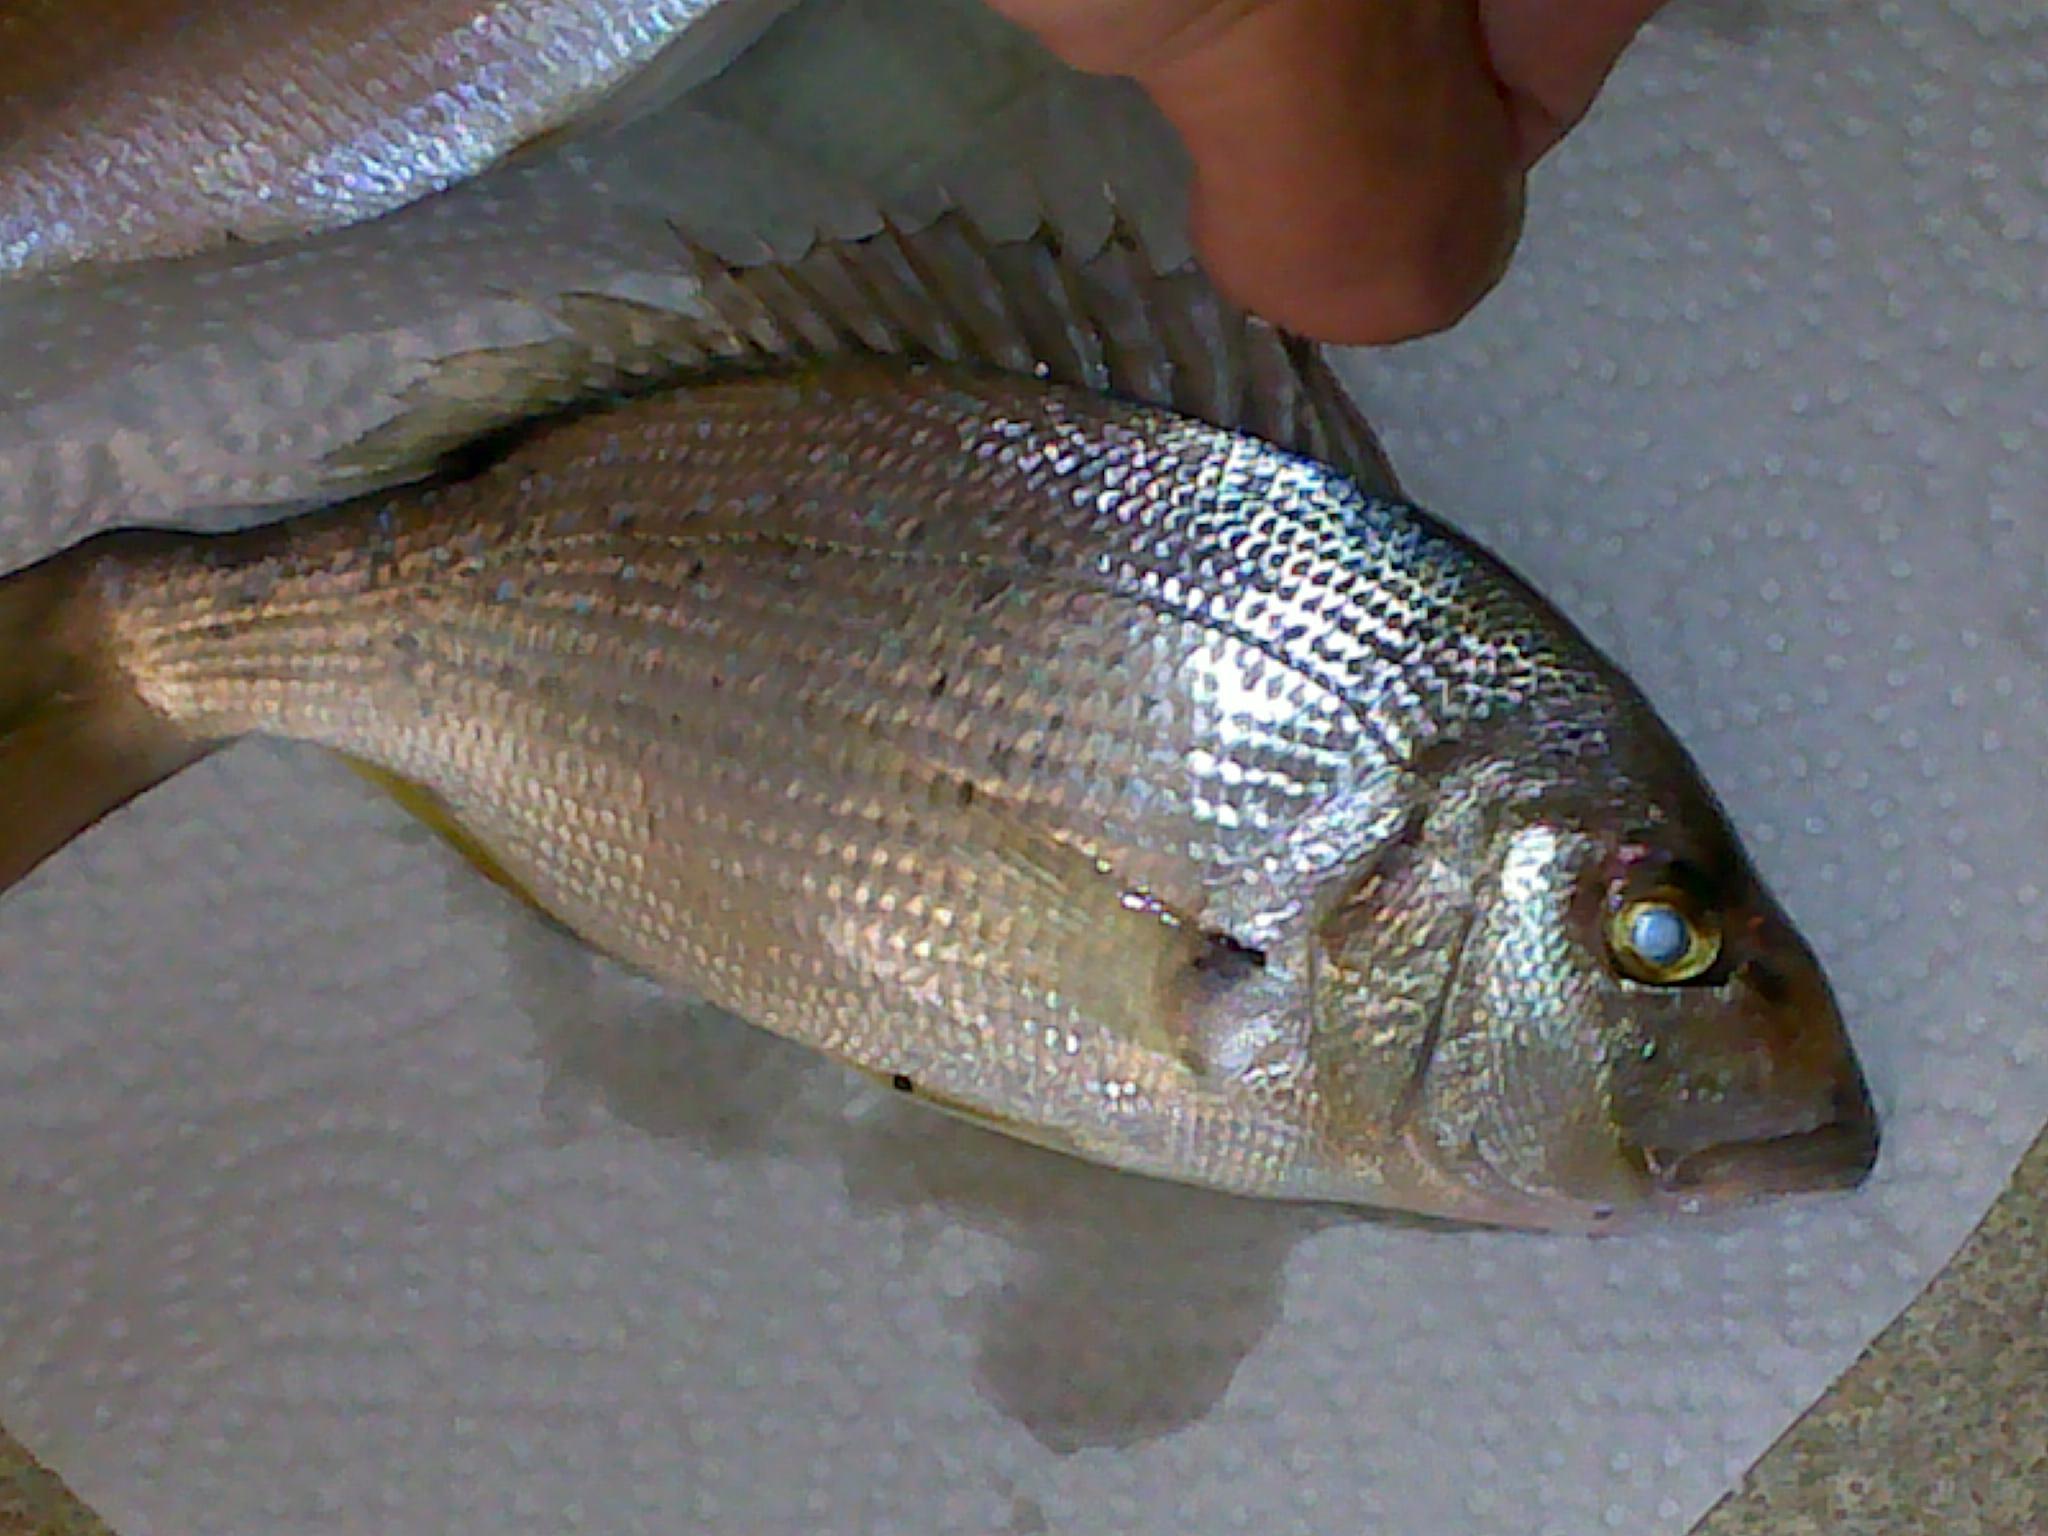 Pouvez vous m'aidez à reconnaitre ce poisson svp :) 978063dora1